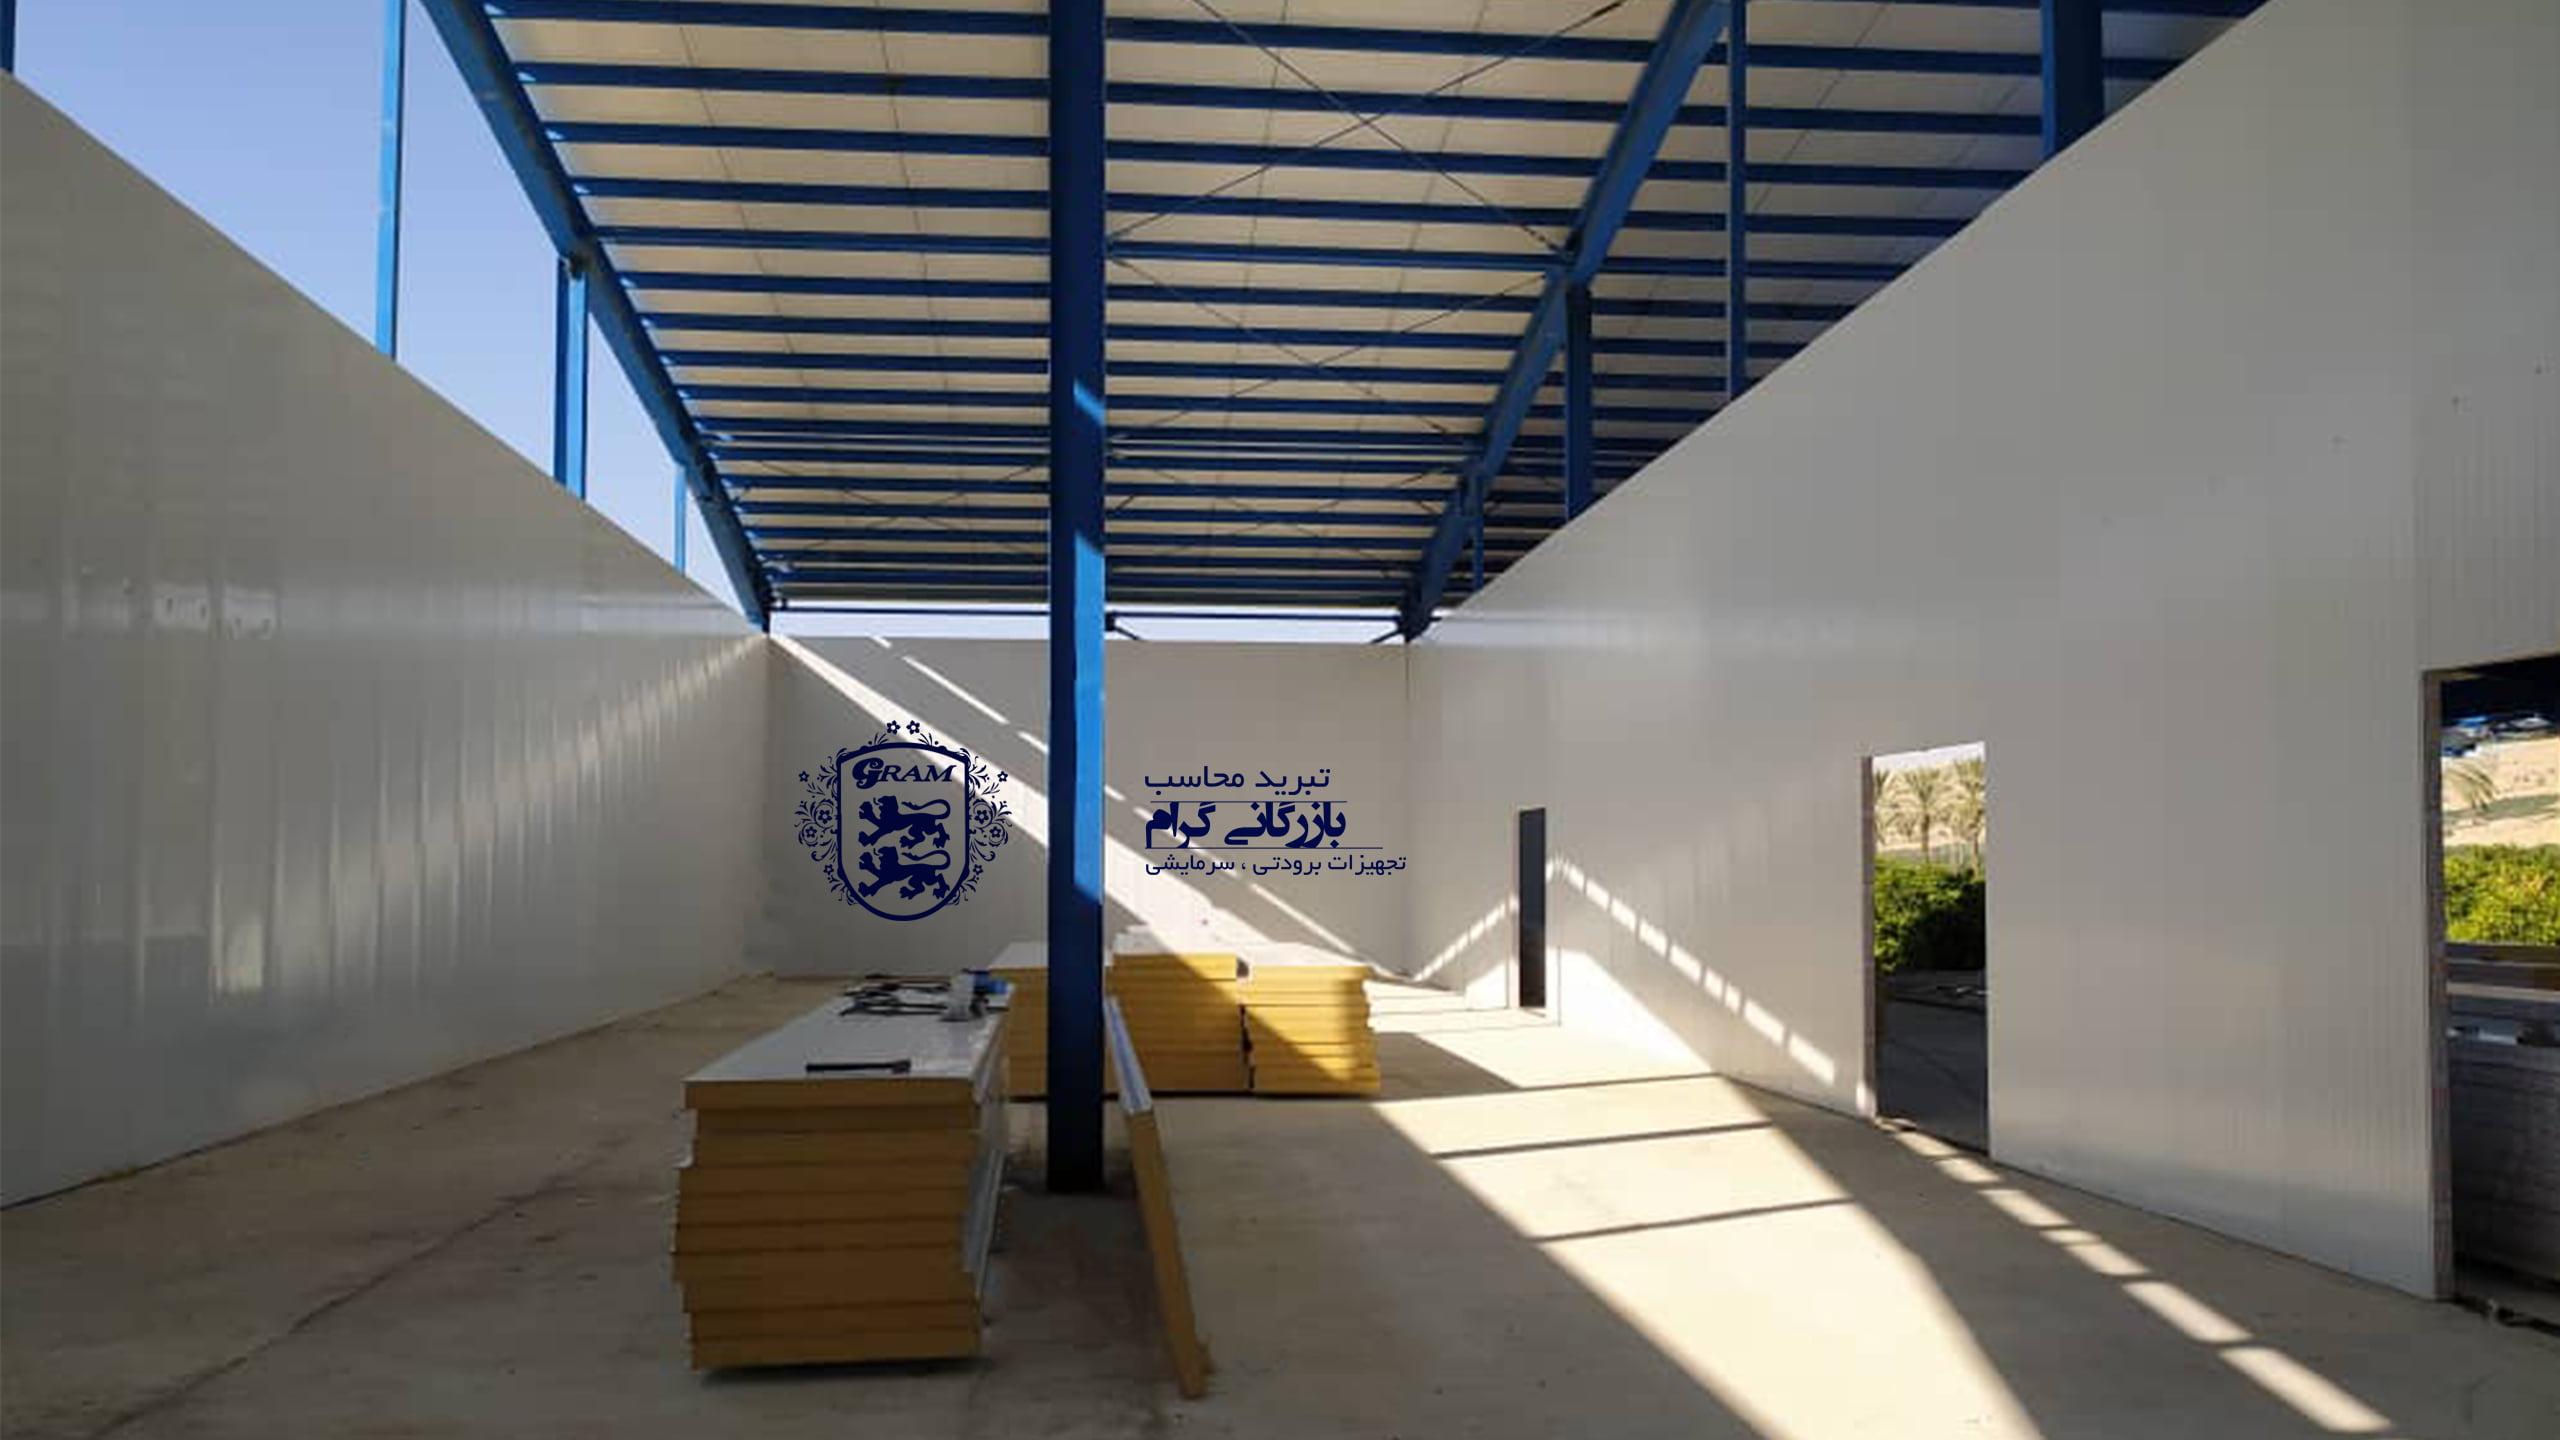 ساندویچ پنل 1 1 - ساخت سردخانه ، تونل های انجماد و چیلر